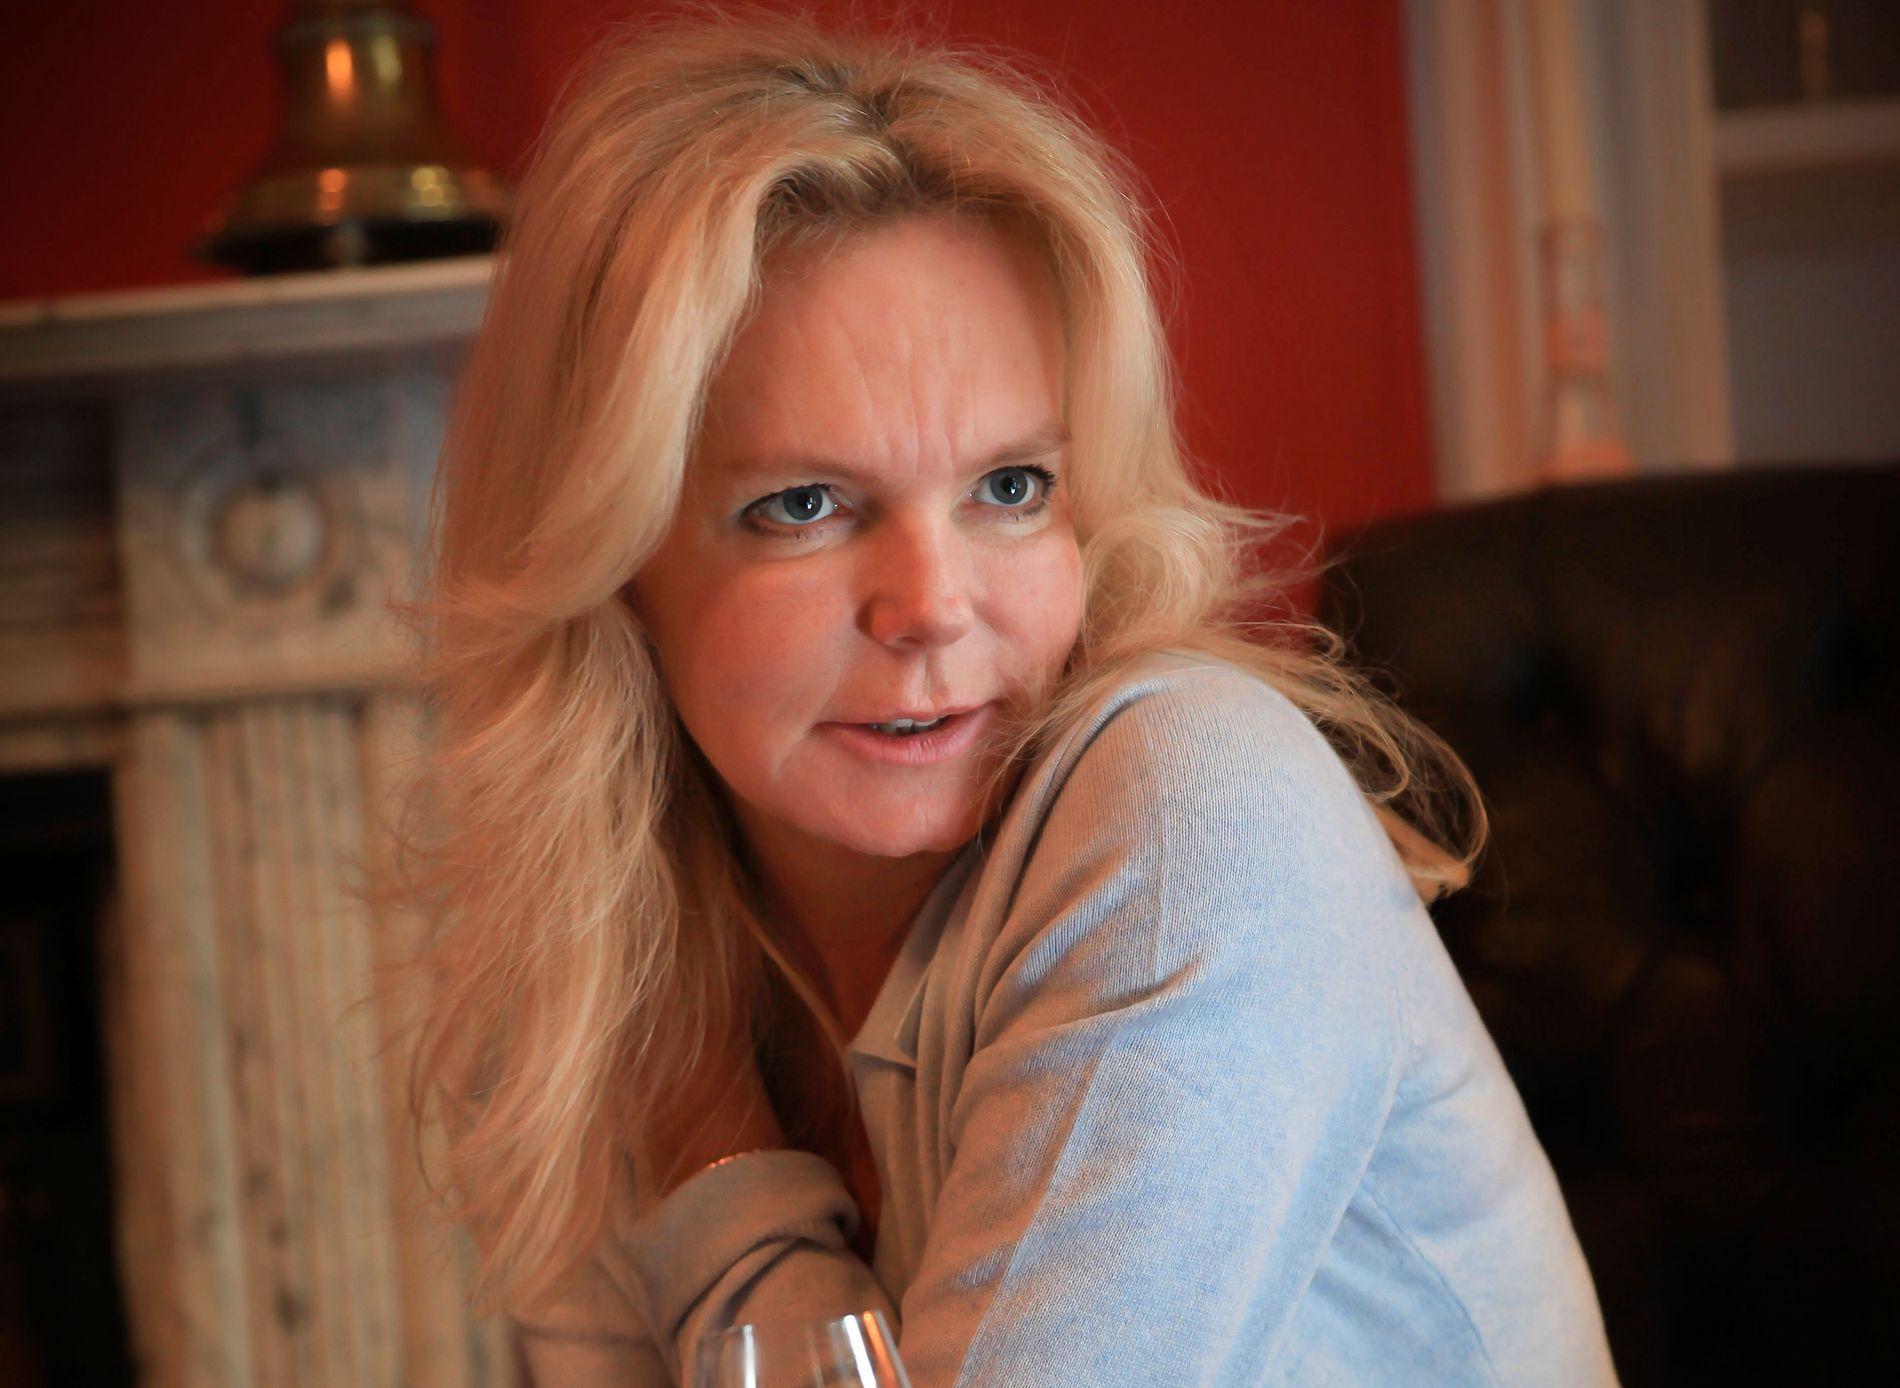 BESTSELGERFORFATTER: Lucinda Riley har bergtatt særlig kvinner verden over med sine romaner knyttet opp mot historiske mennesker og begivenheter.